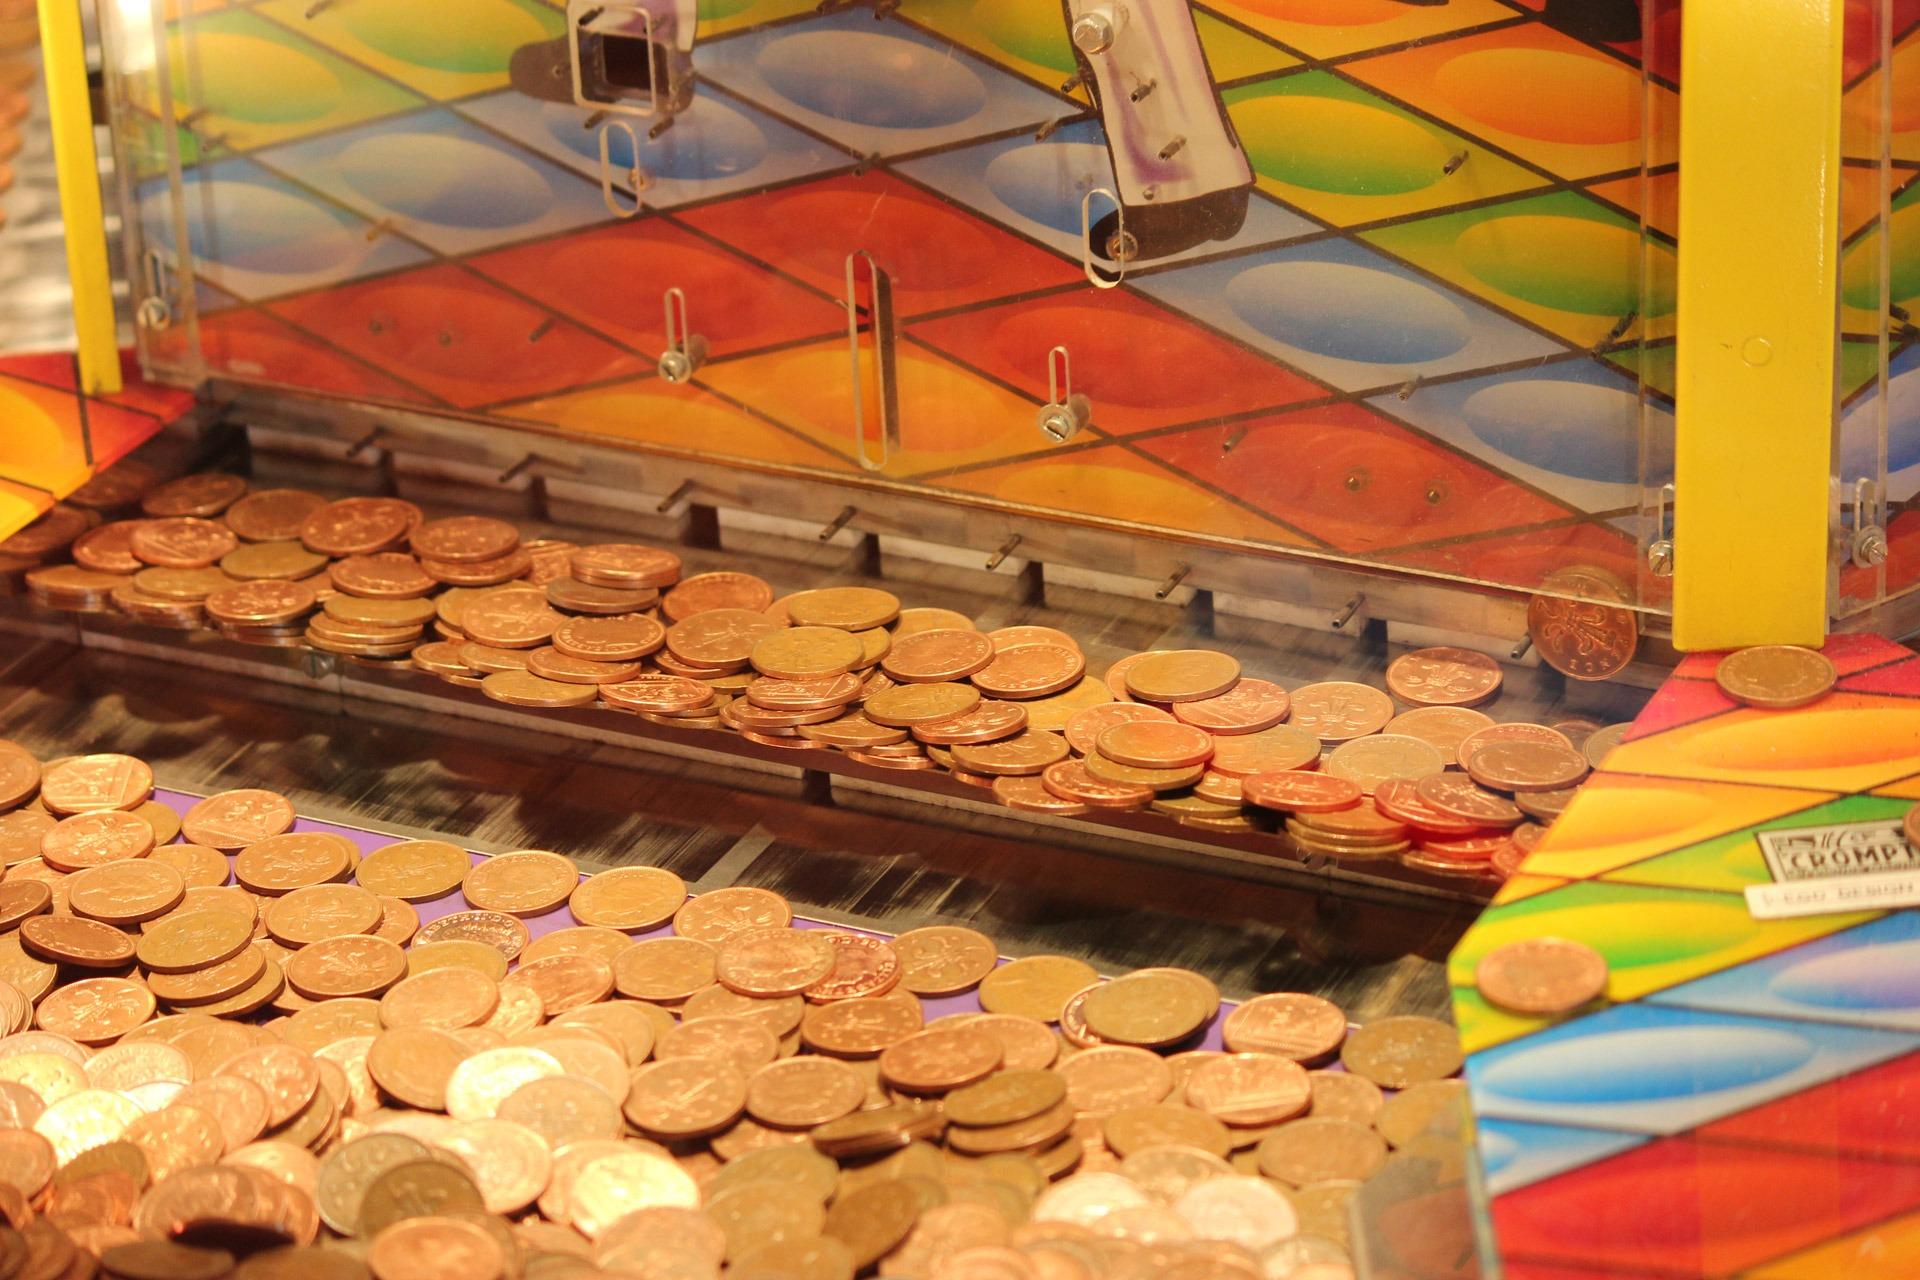 картинки : играть, Пища, цвет, Деньги, Спекулировать, публичное место, денежные средства, соревнование, золото, Стратегию, валюта, Доллар, аркада, казино, ...